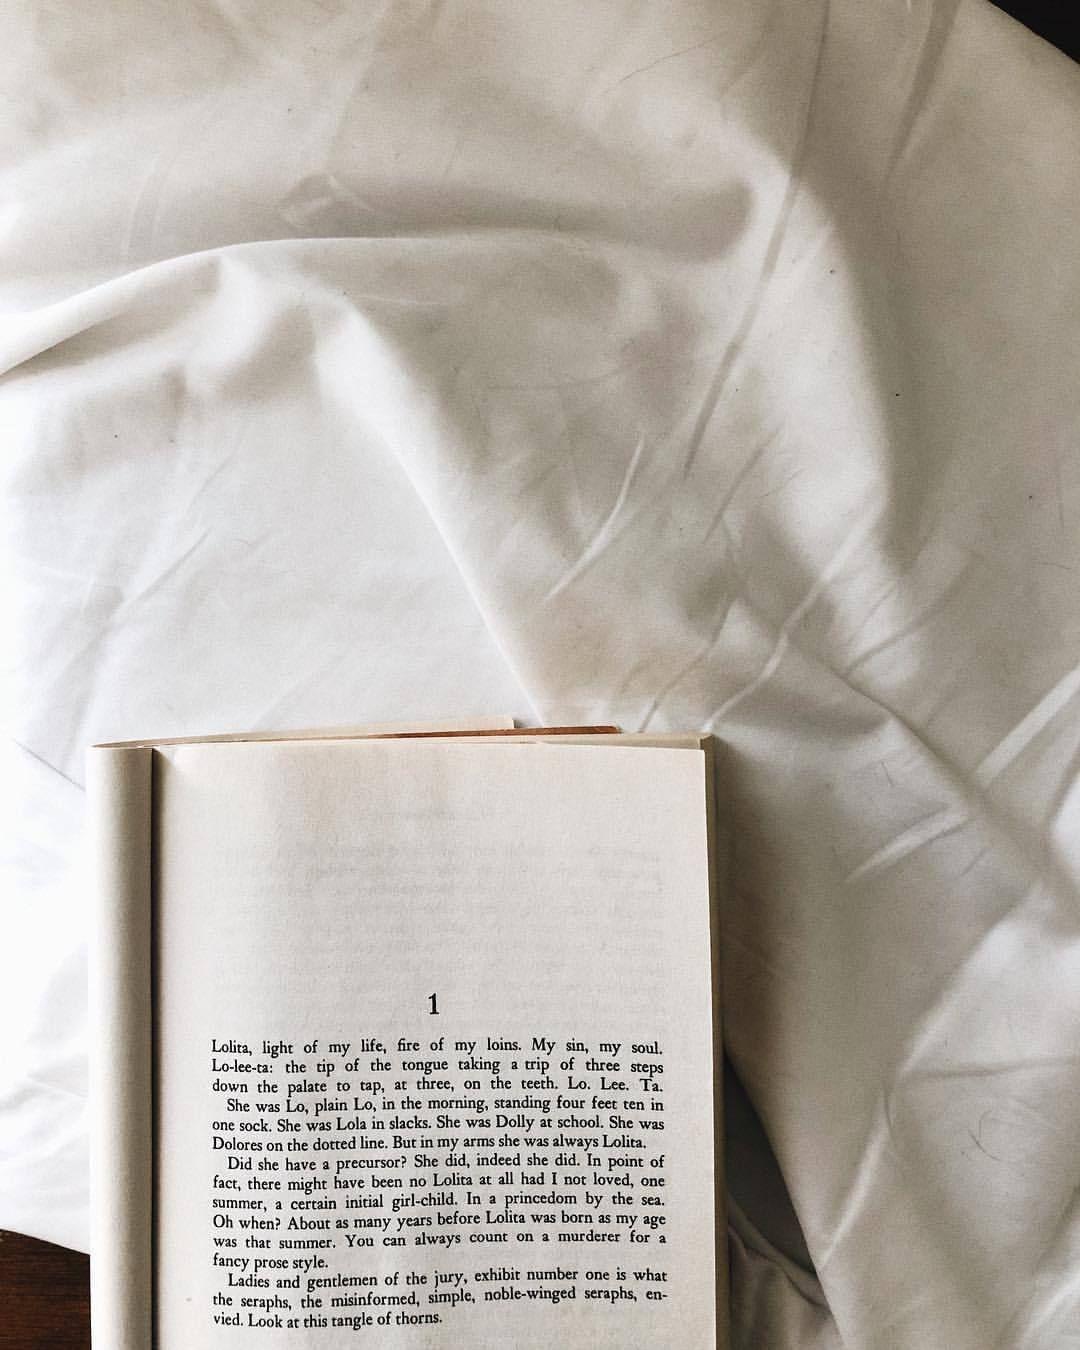 Lolita Study Guide